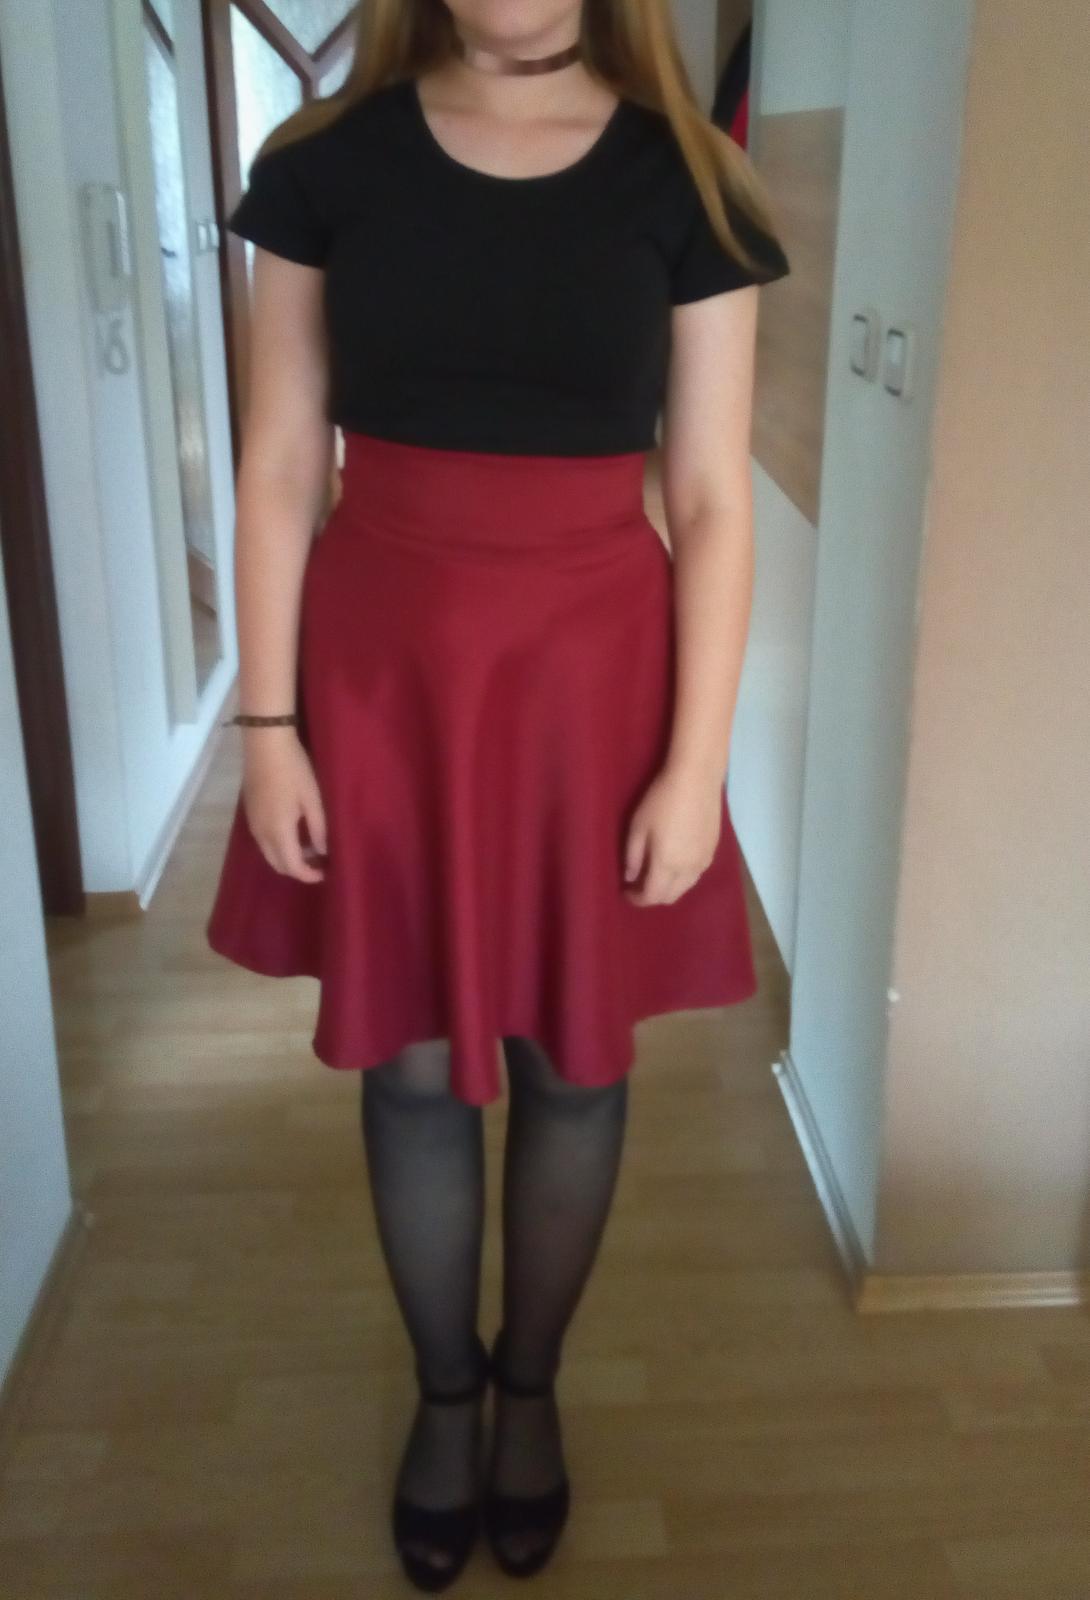 bordová sukňa M - Obrázok č. 1